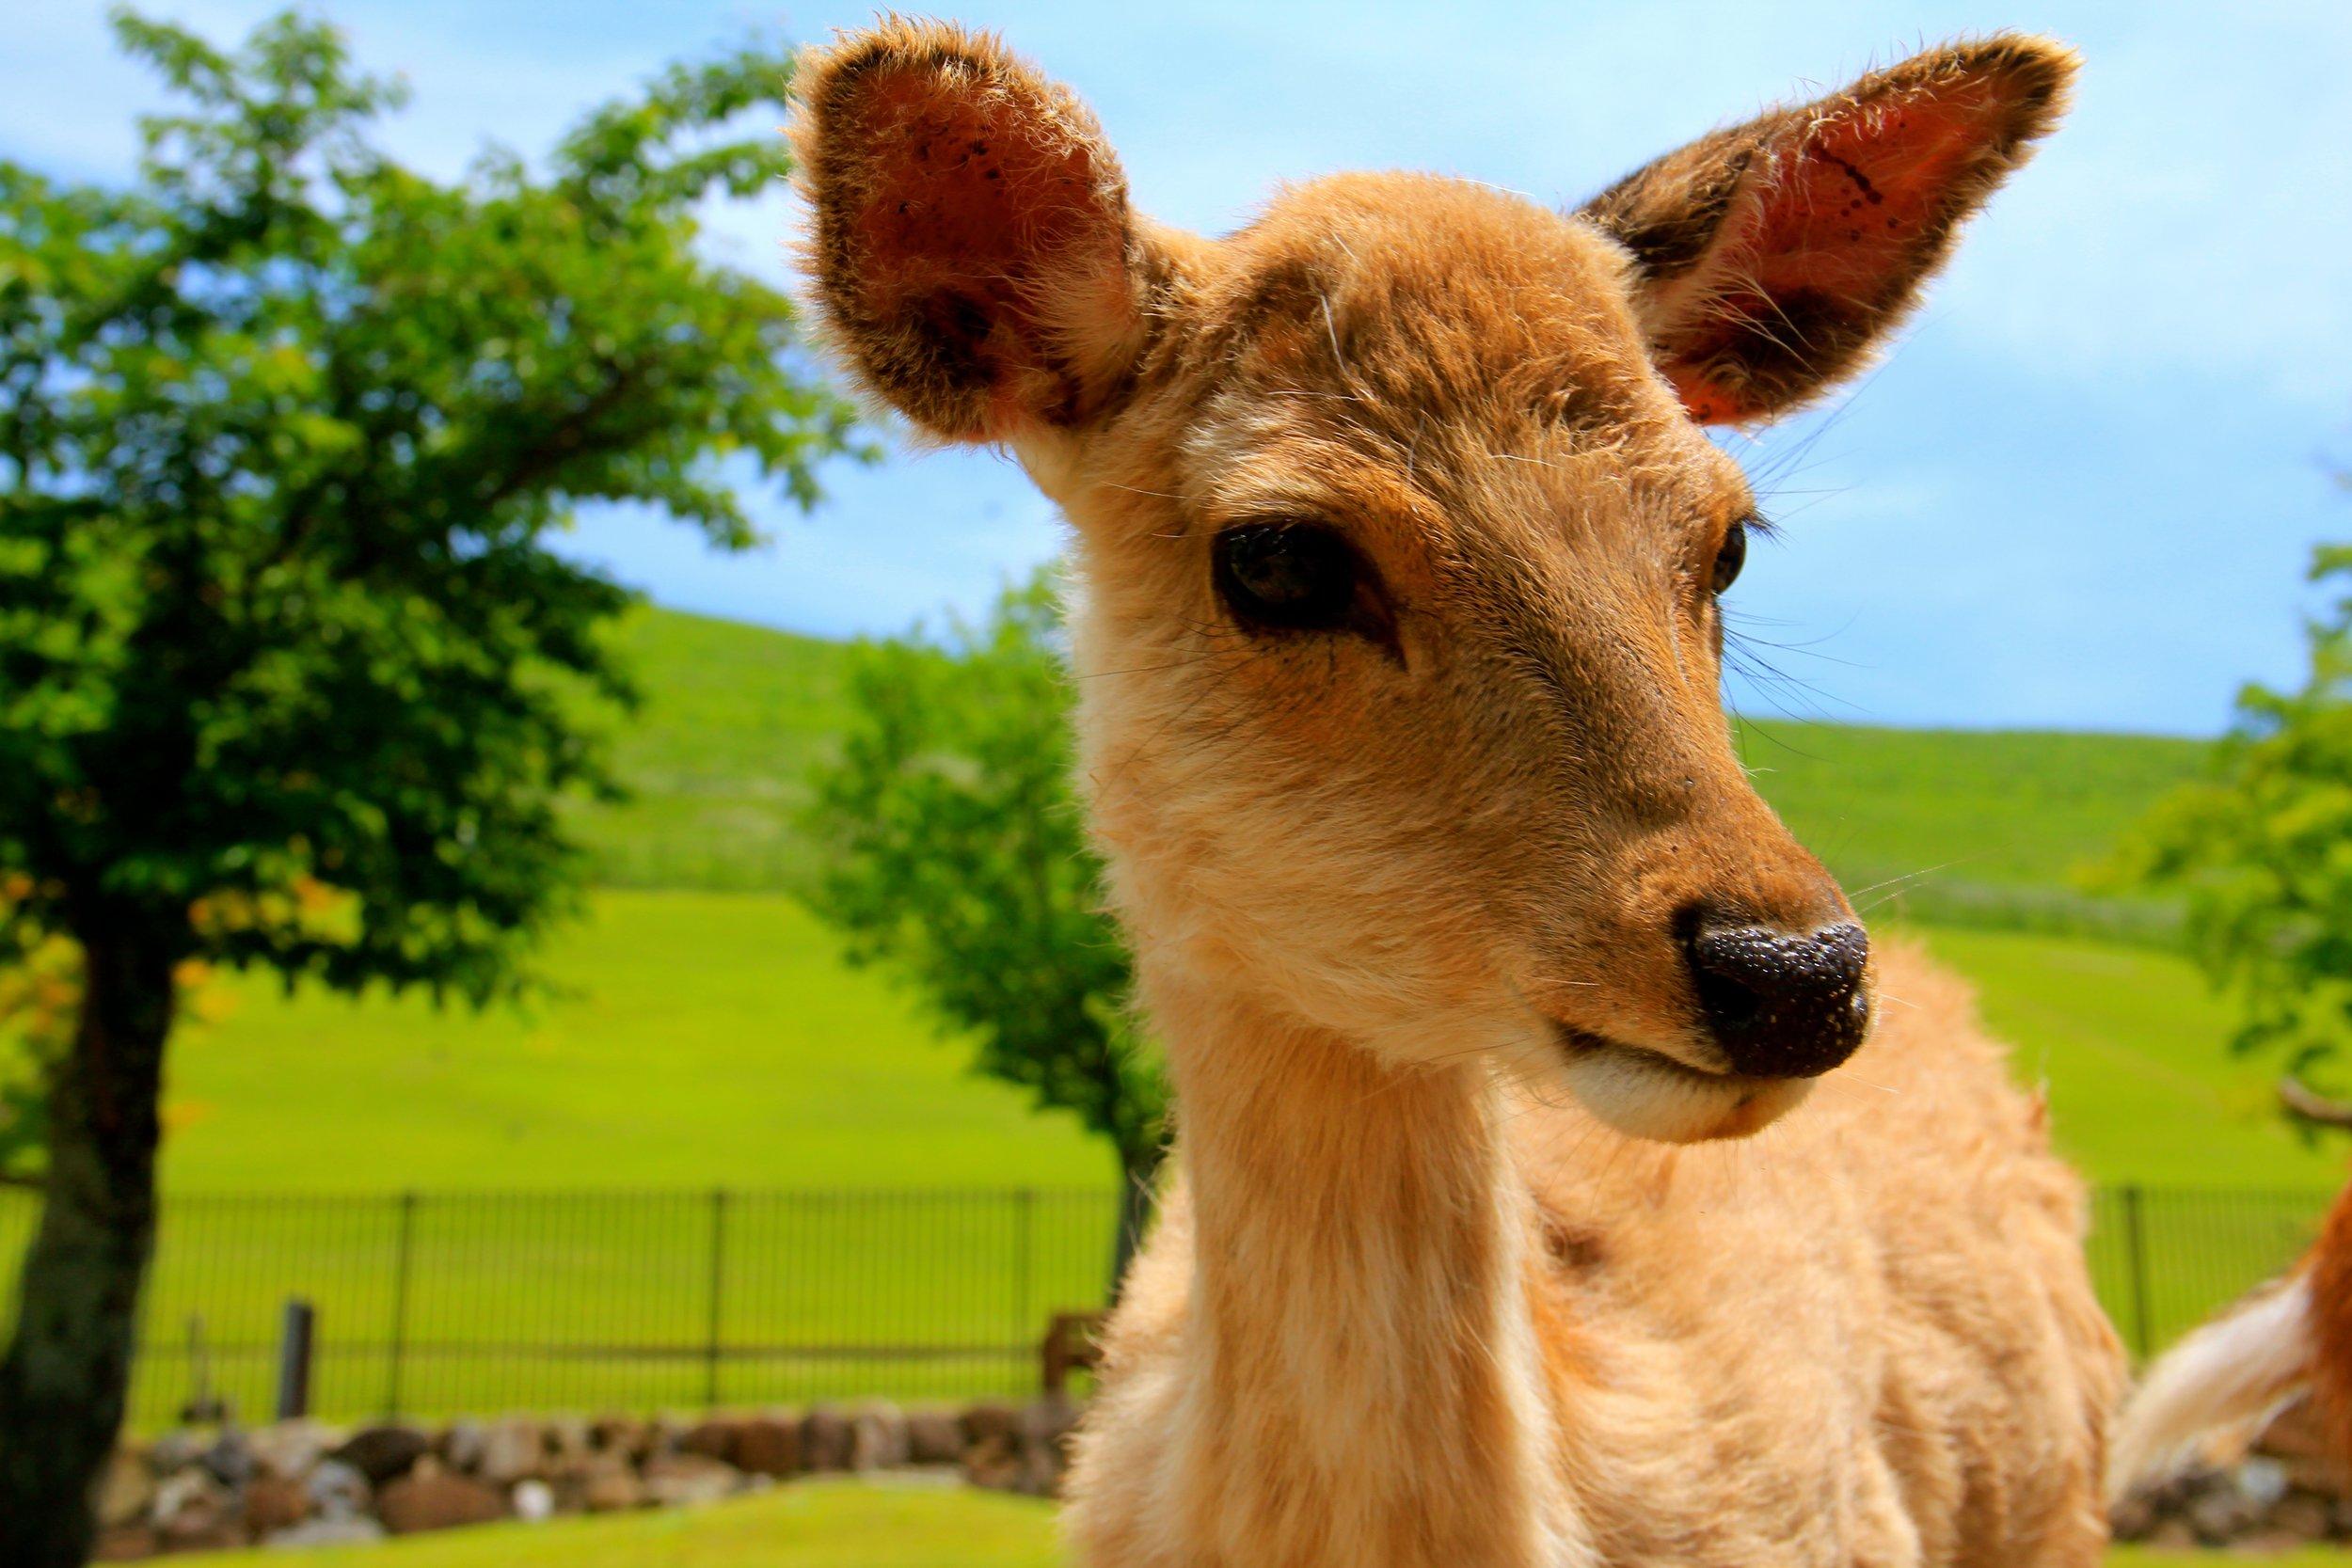 Deer Park, Nara, Japan